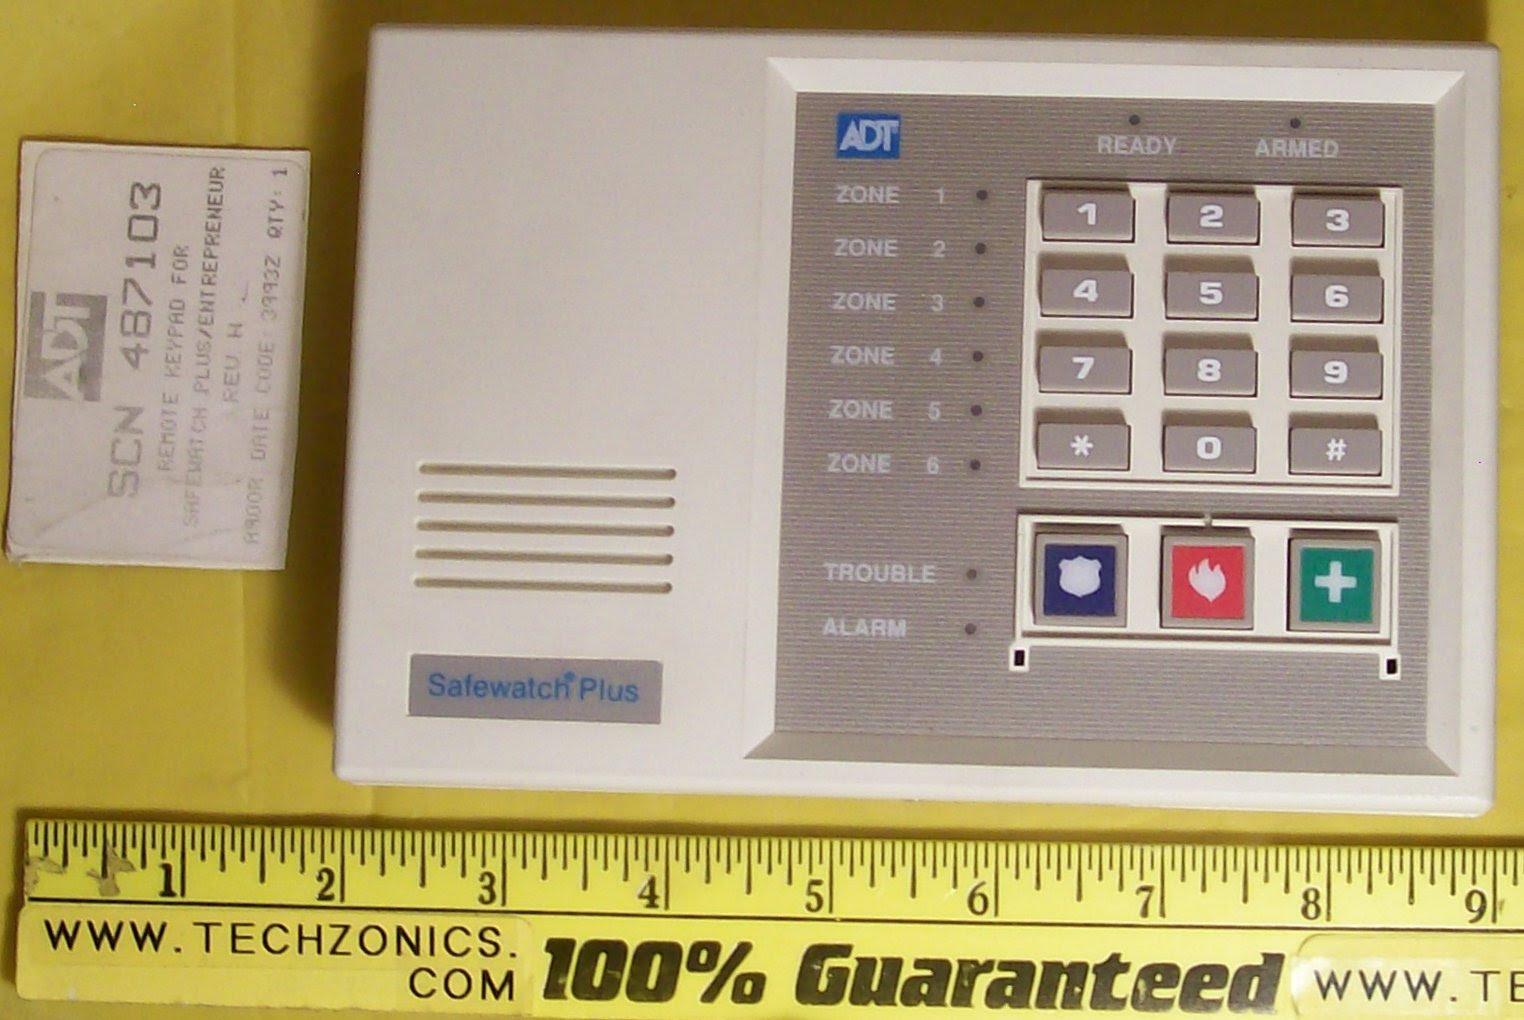 Adt Safewatch Keypad Wiring Diagram - Engine Diagram 1985 Ninja 900 for Wiring  Diagram Schematics | Adt Safewatch Keypad Wiring Diagram |  | Wiring Diagram Schematics